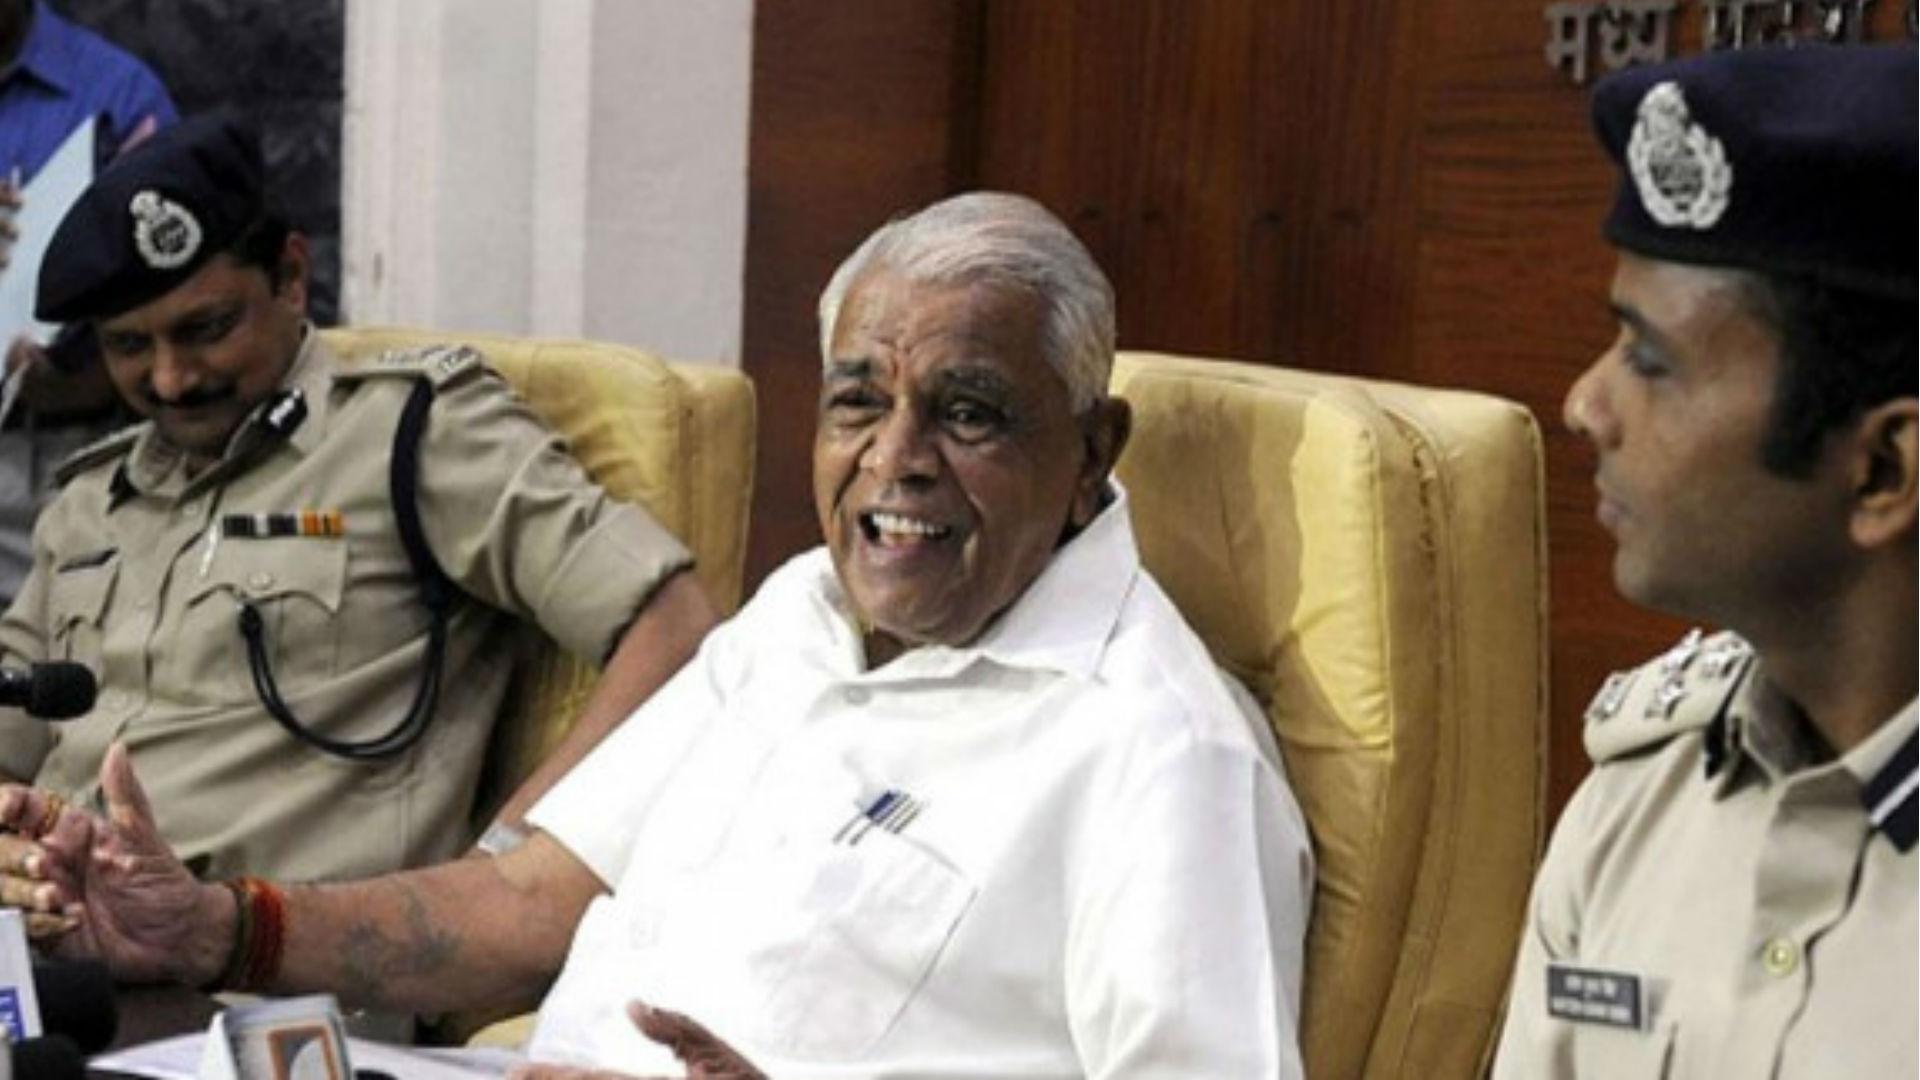 मध्य प्रदेश के पूर्व मुख्यमंत्री बाबूलाल गौर का निधन, भोपाल के नर्मदा अस्पताल में ली अंतिम सांस